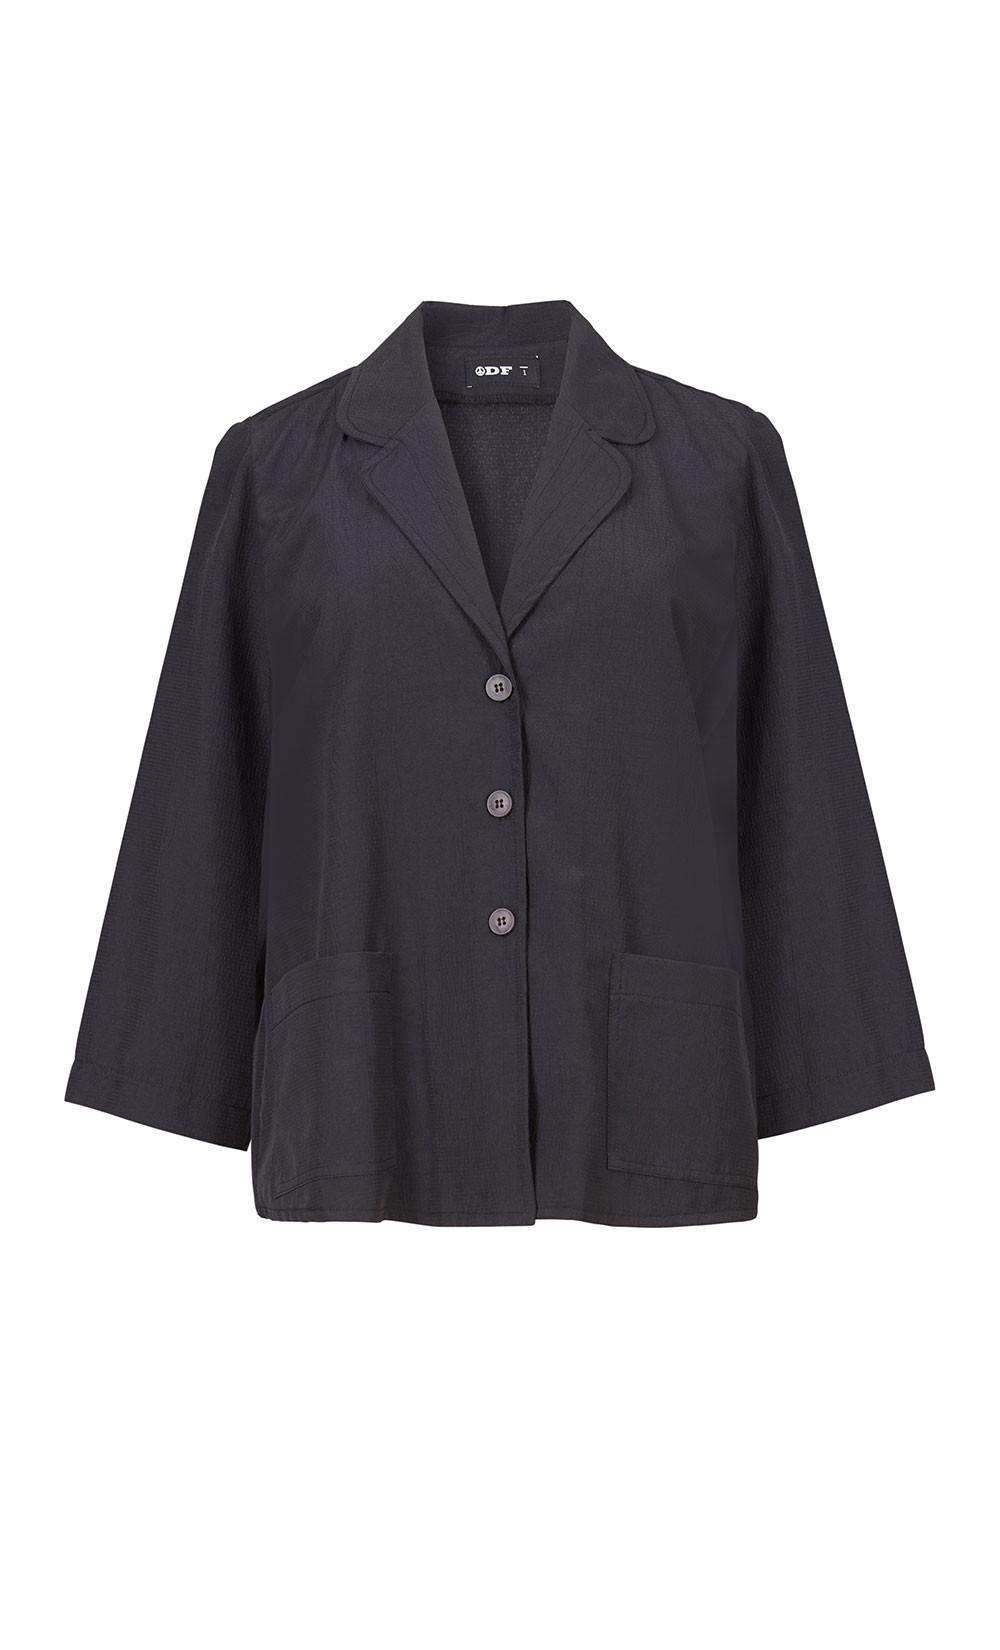 Pogo Jacket